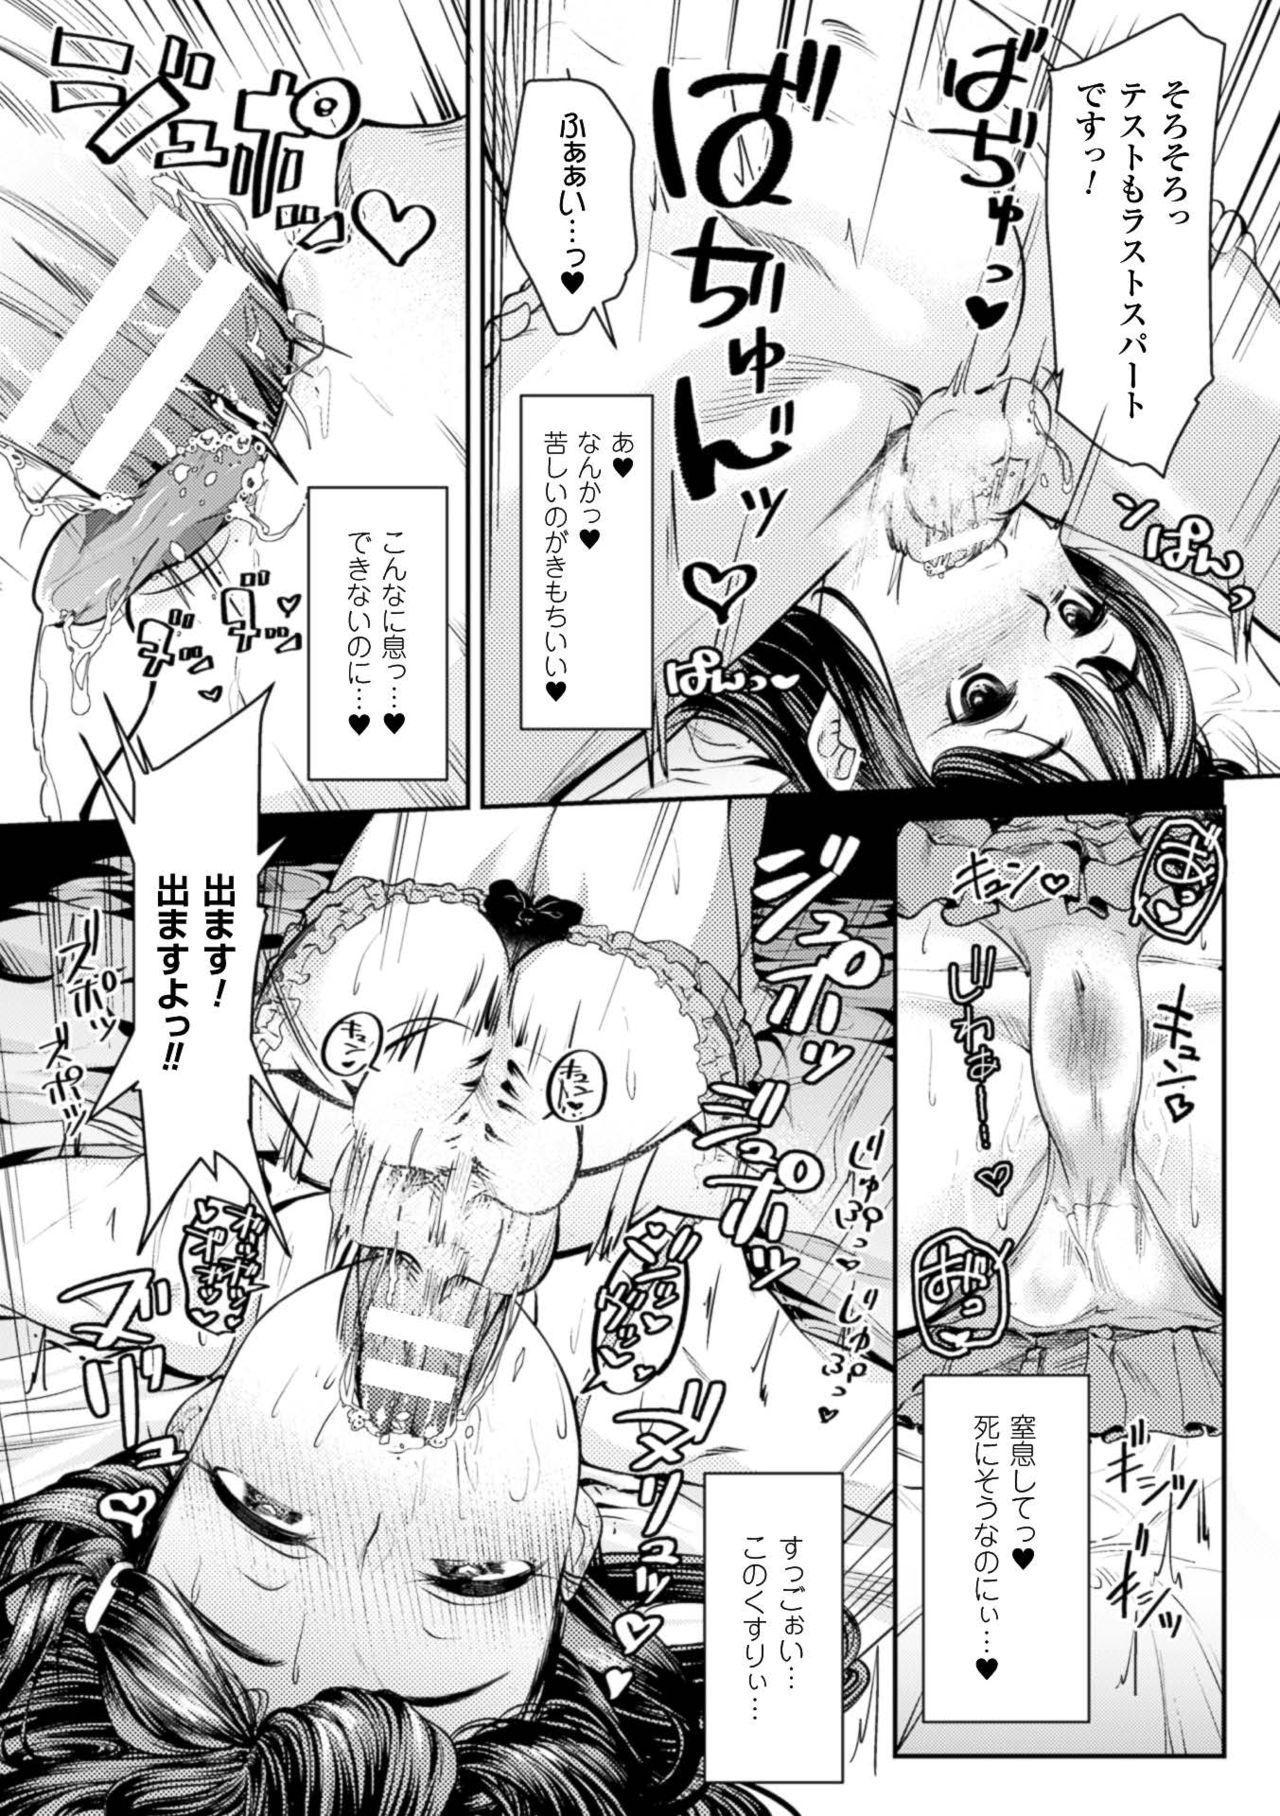 2D Comic Magazine Kuchibenki Heroines Karen na Okuchi wa Nama Onaho Vol. 1 20